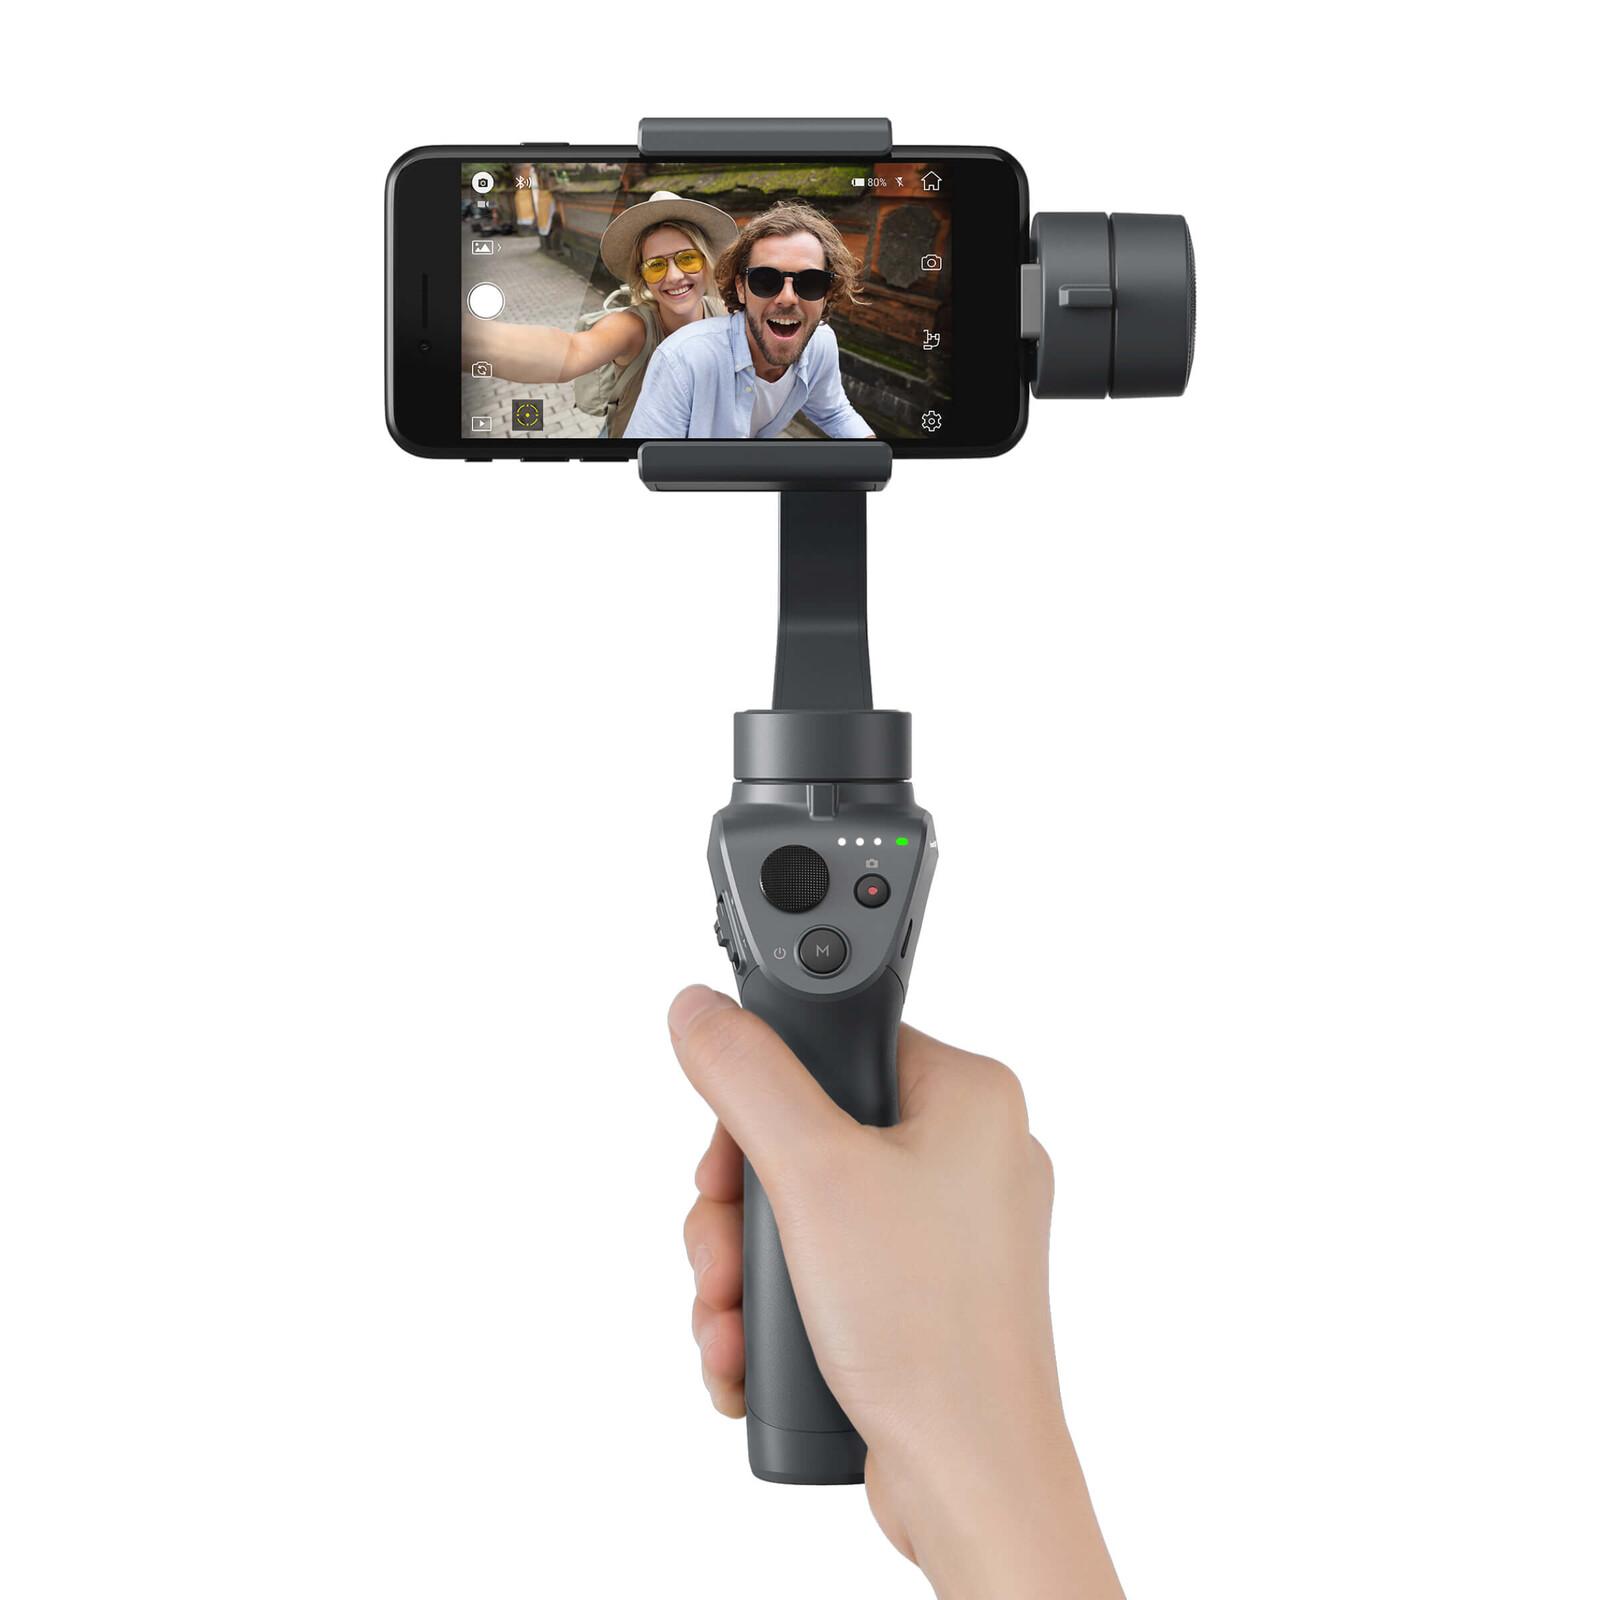 DJI Osmo Mobile 2 Gimbal